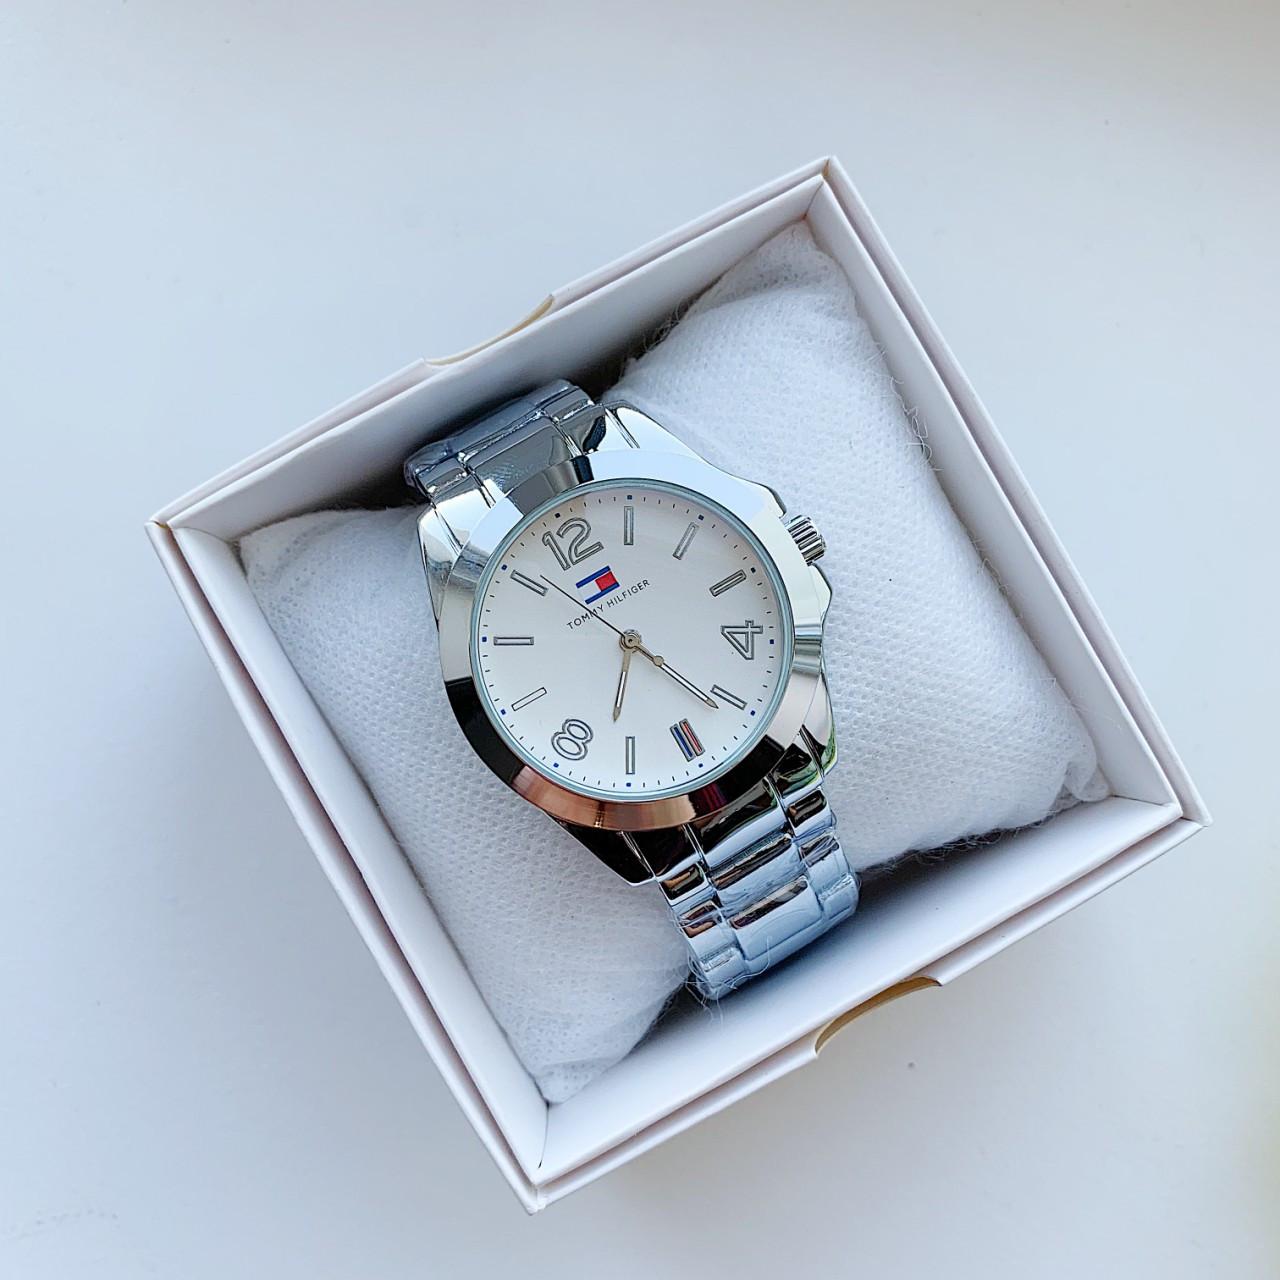 Мужские наручные часы Hilfiger реплика серебро